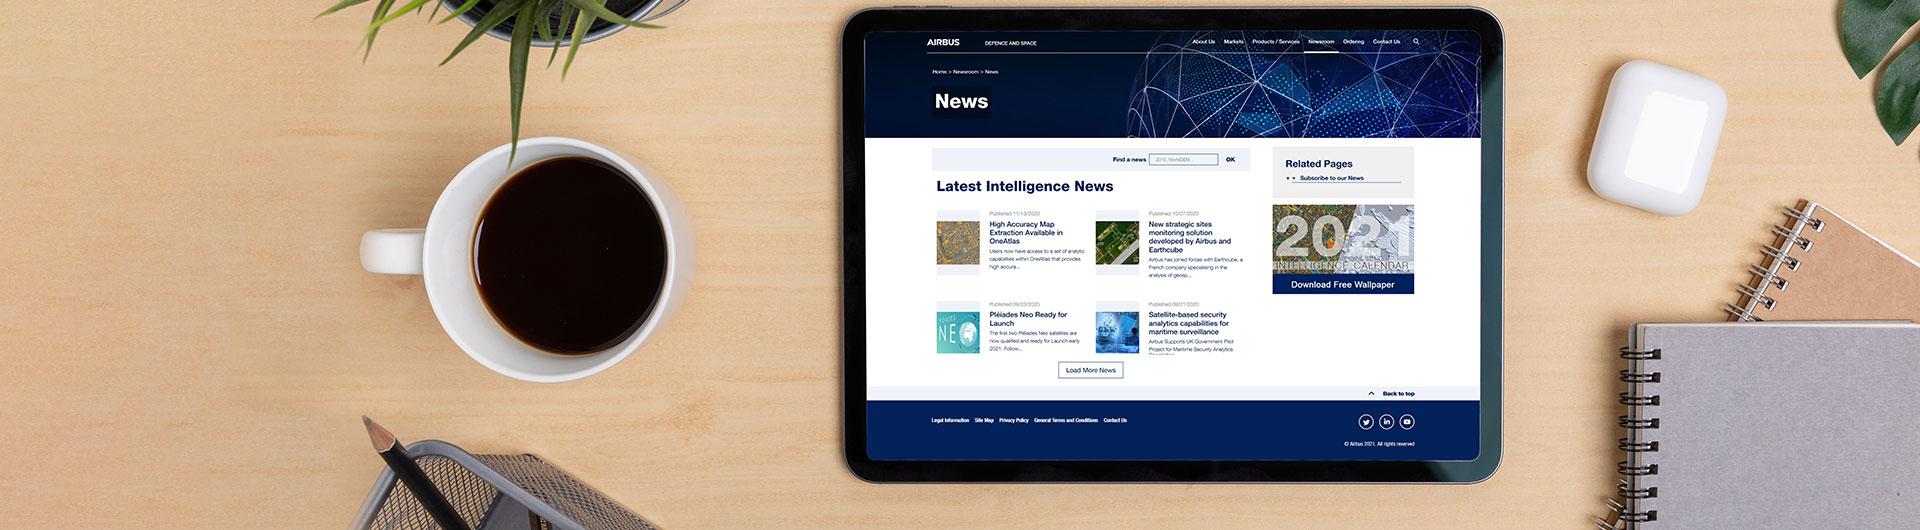 Airbus - Latest Intelligence News – ipad